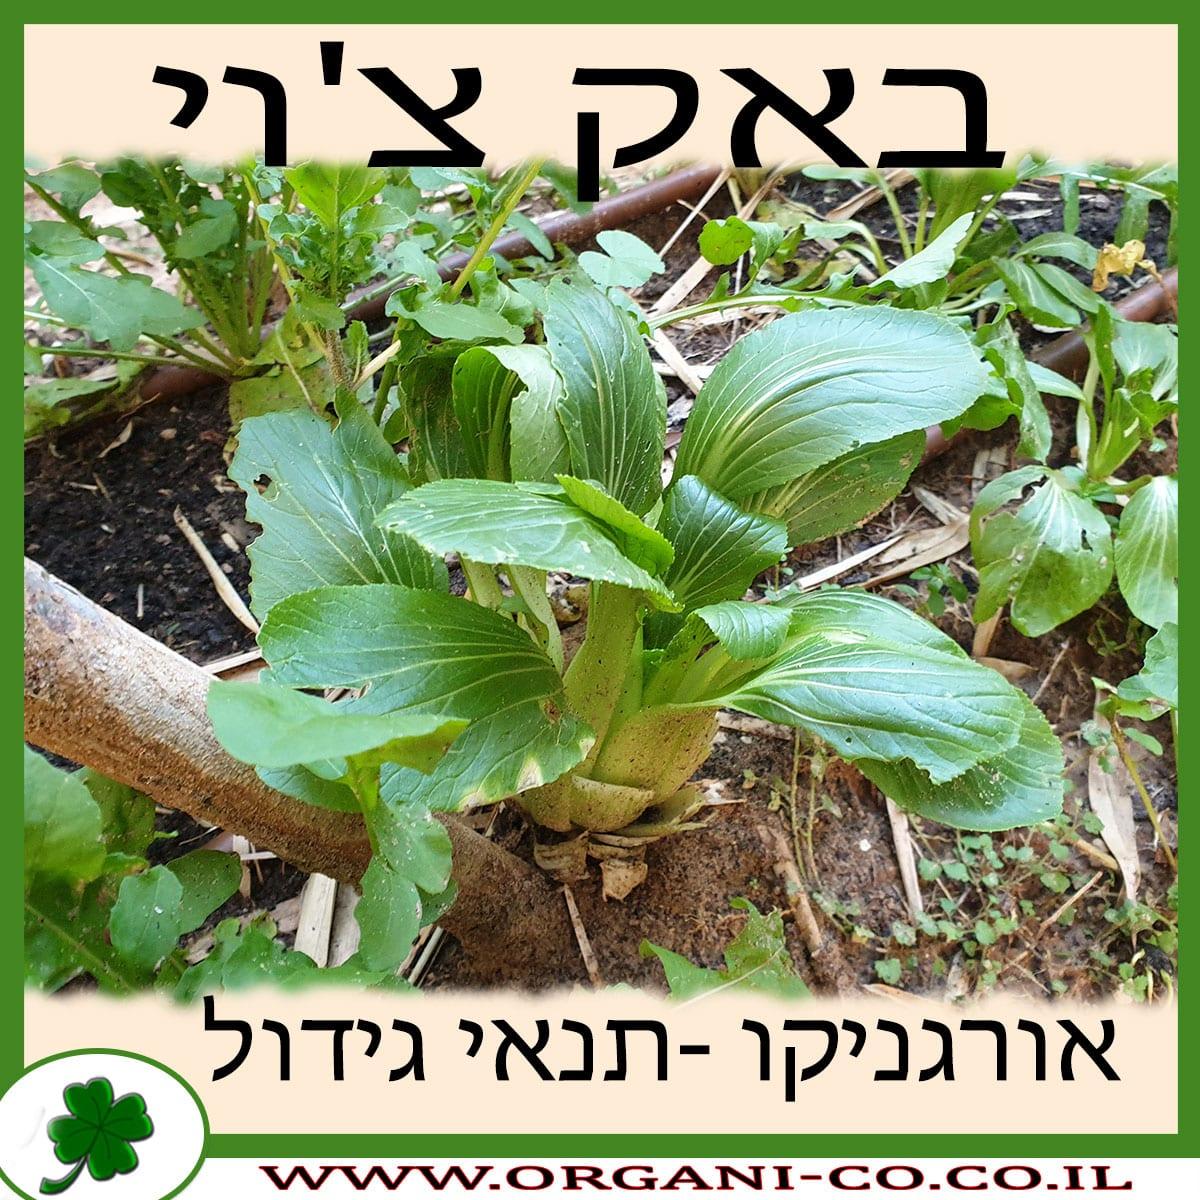 באק צ'וי גידול צמח